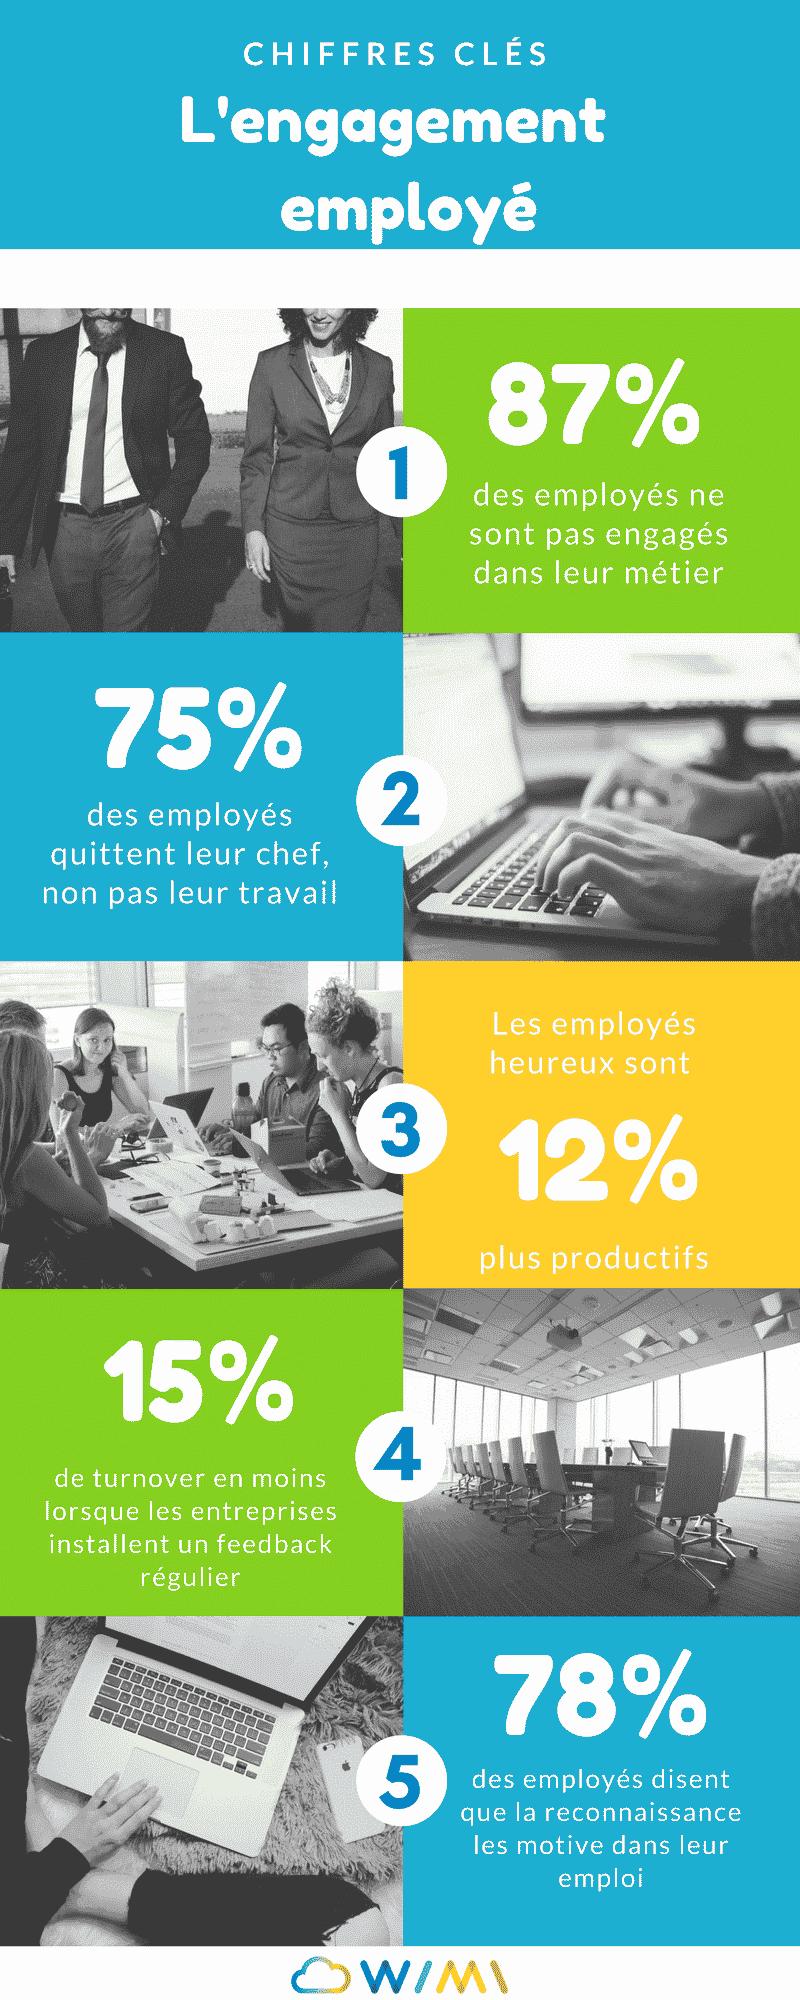 engagement employé infographie chiffre clés